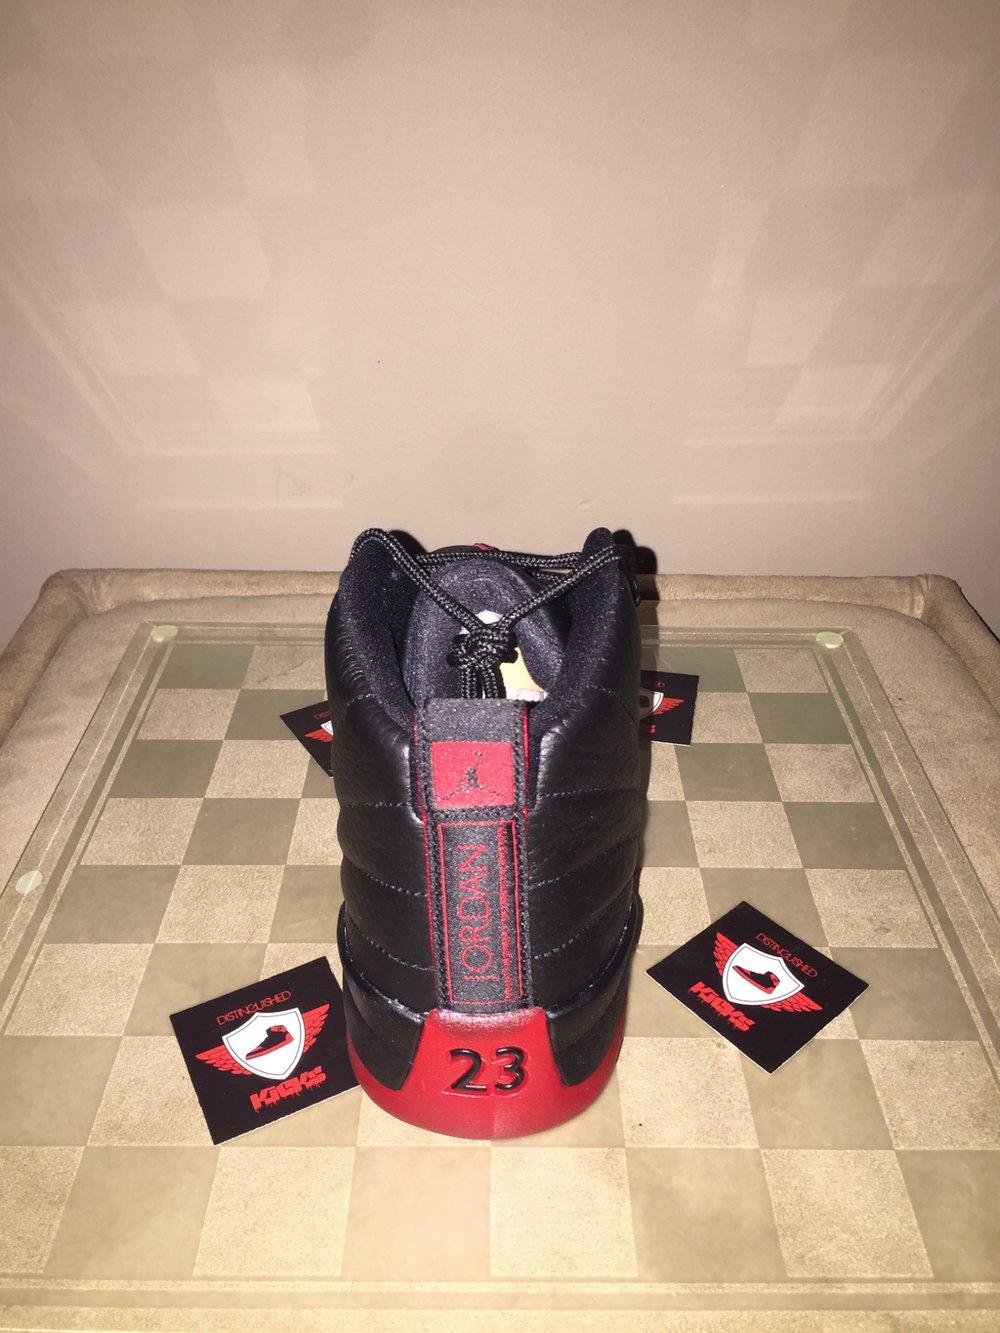 Air Jordan 12 Retro Flu Game Distinguished Kicks